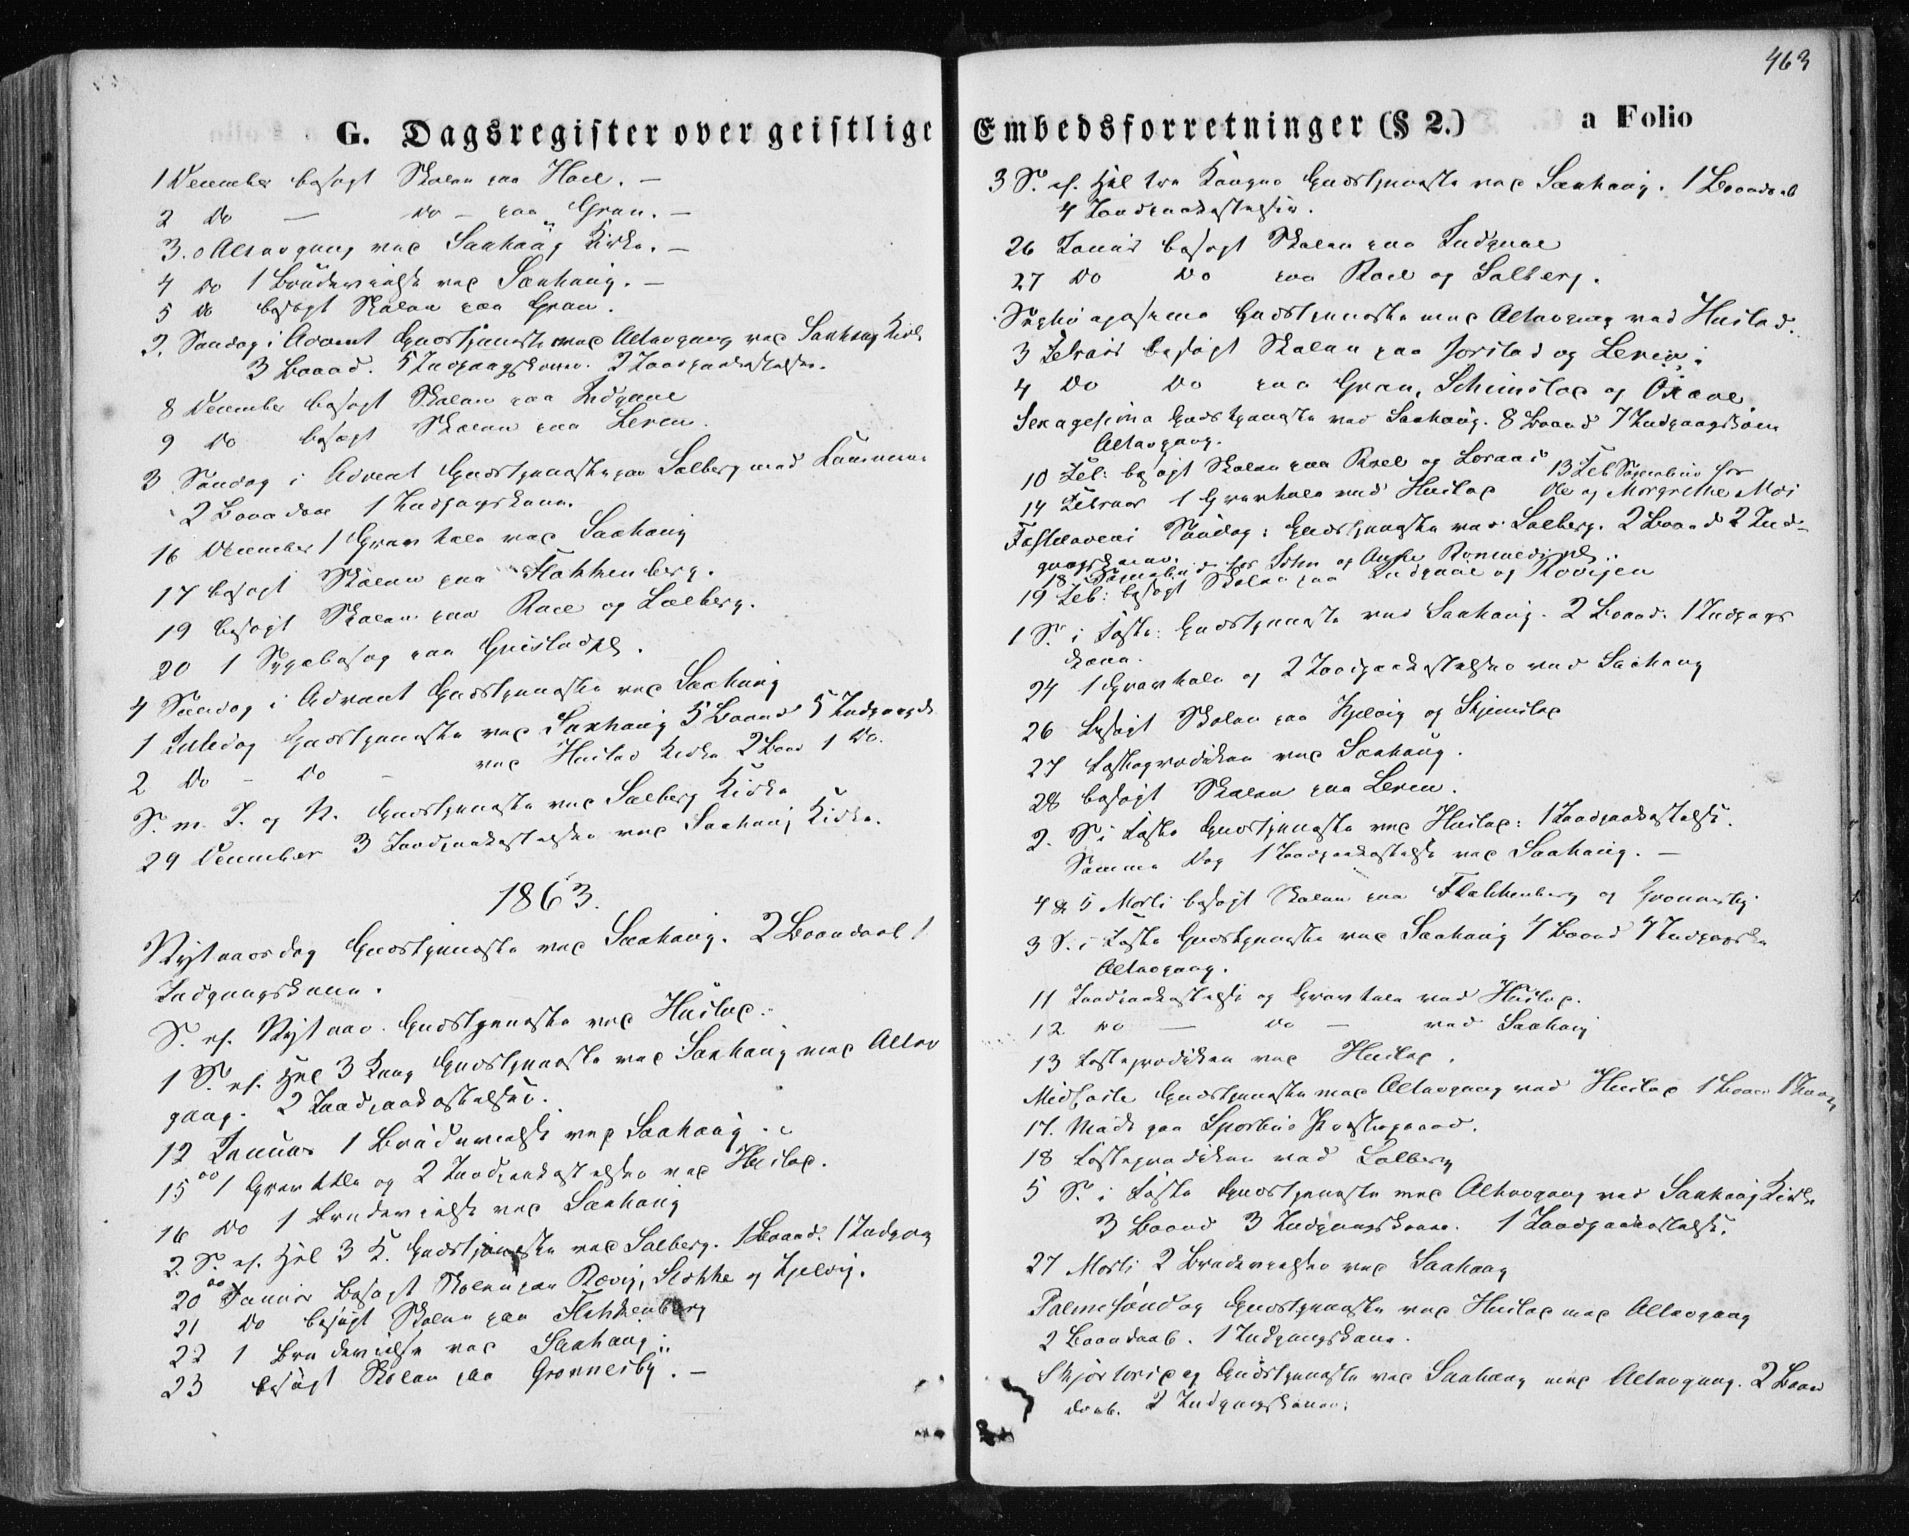 SAT, Ministerialprotokoller, klokkerbøker og fødselsregistre - Nord-Trøndelag, 730/L0283: Ministerialbok nr. 730A08, 1855-1865, s. 463